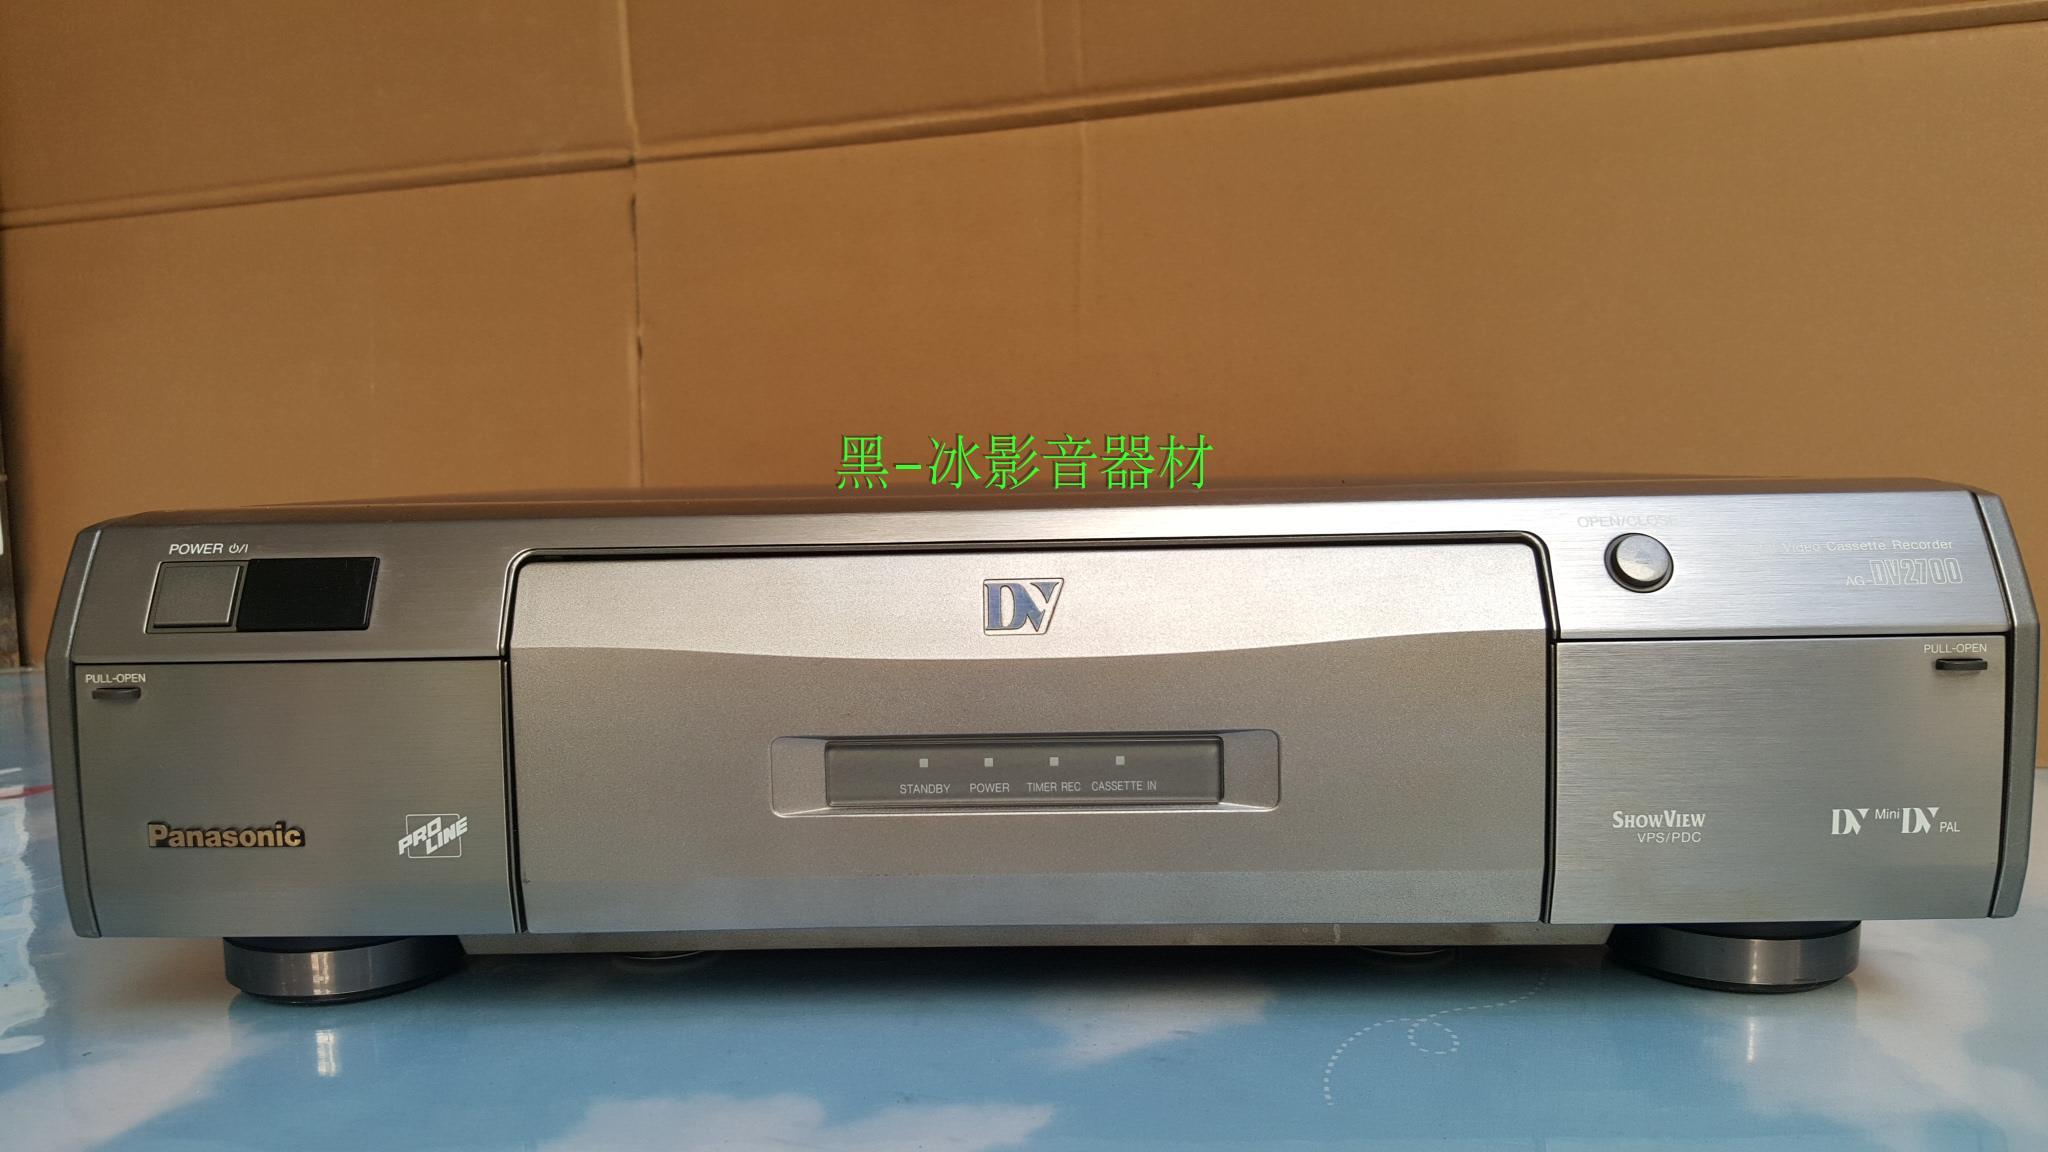 松下DV编辑机DVCAM带AG-DV2700E专业编辑DV录像机